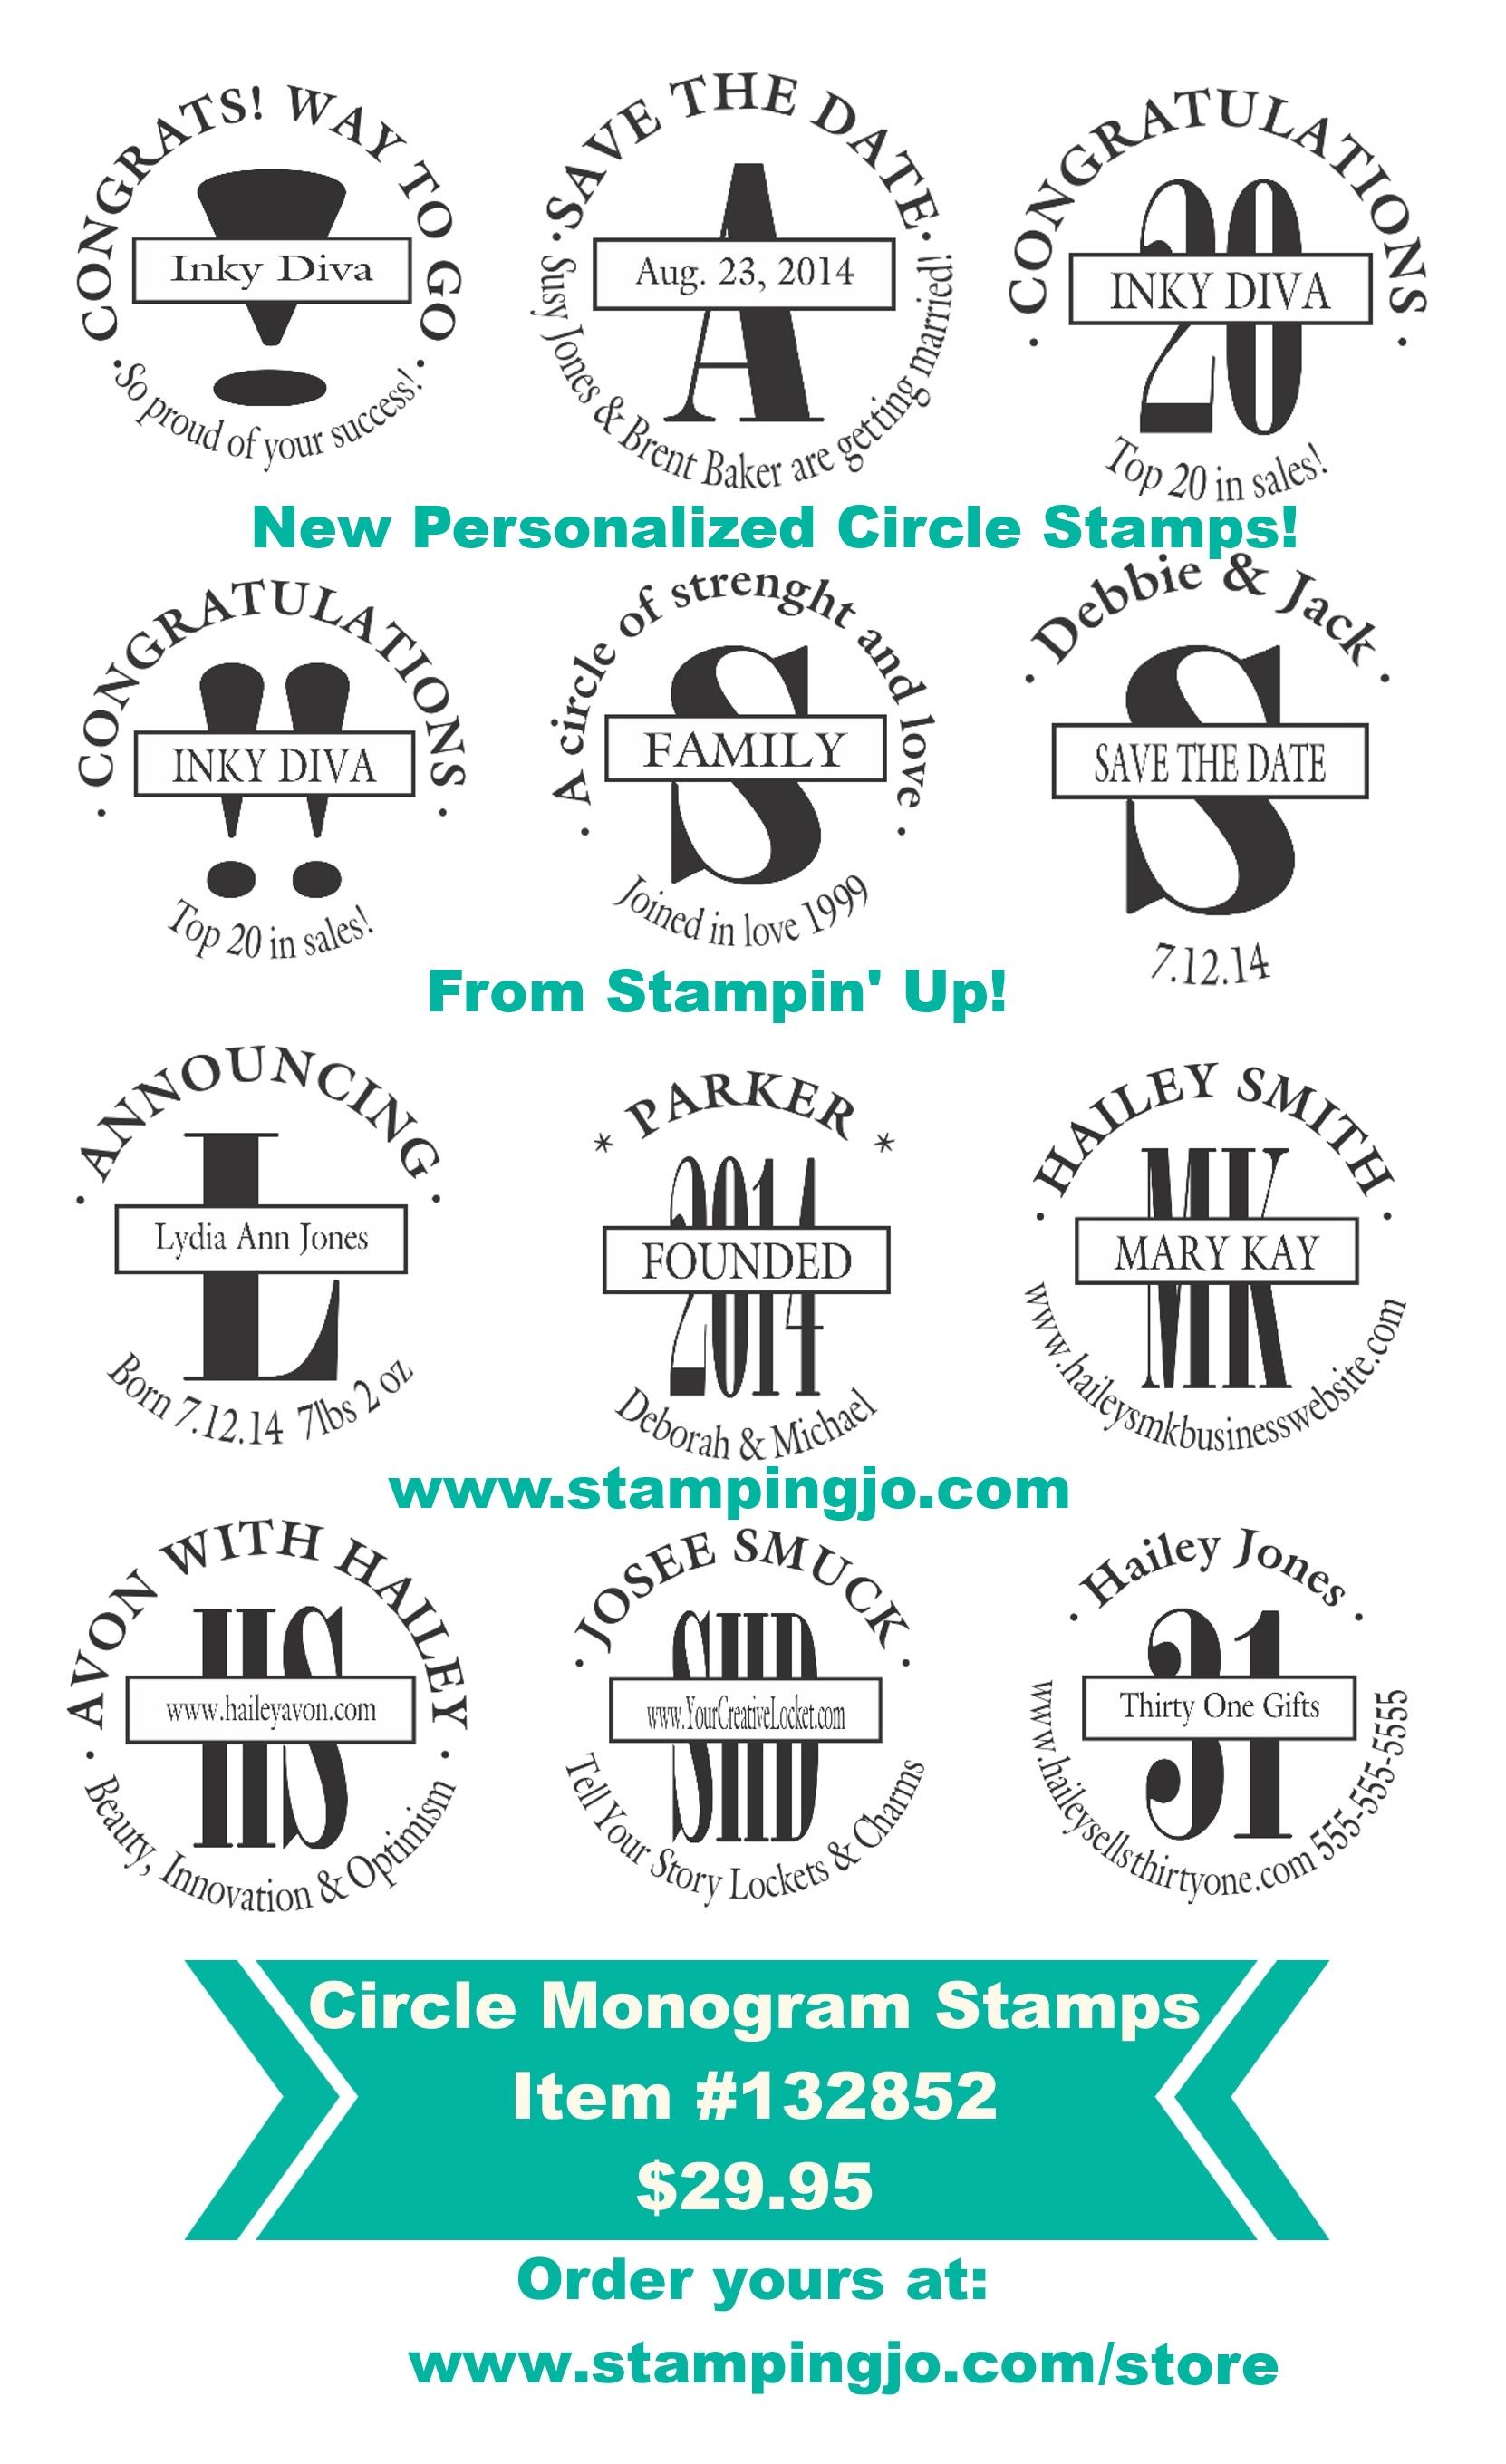 stampin up circle monogram stamp 2